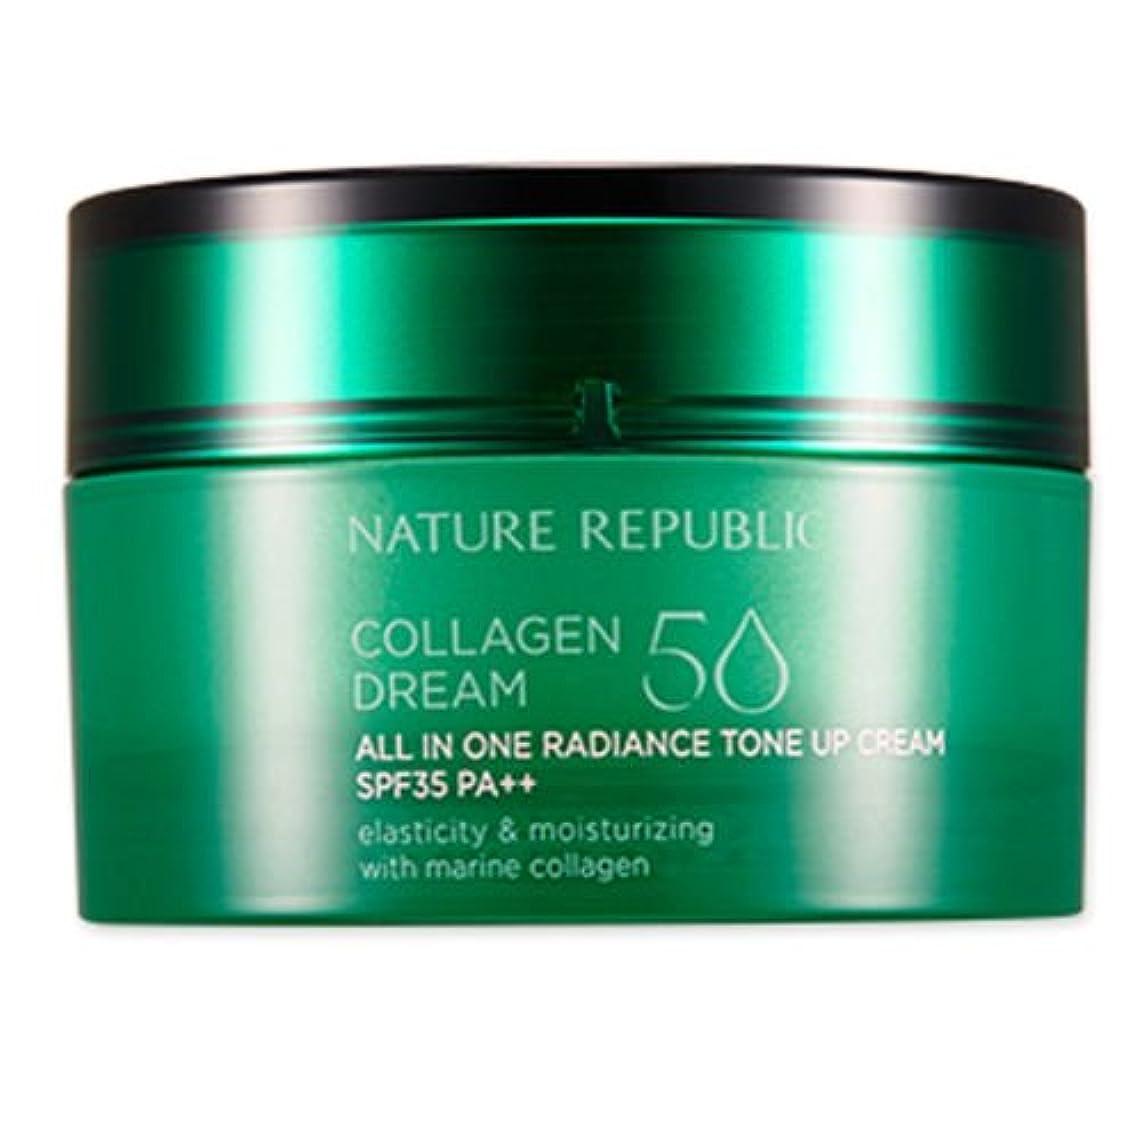 売り手ストローク起こるNATURE REPUBLIC Collagen Dream 50 All-In-One Radiance Tone Up Cream(SPF35PA++) ネイチャーリパブリック [韓国コスメ ] コラーゲンドリーム50...